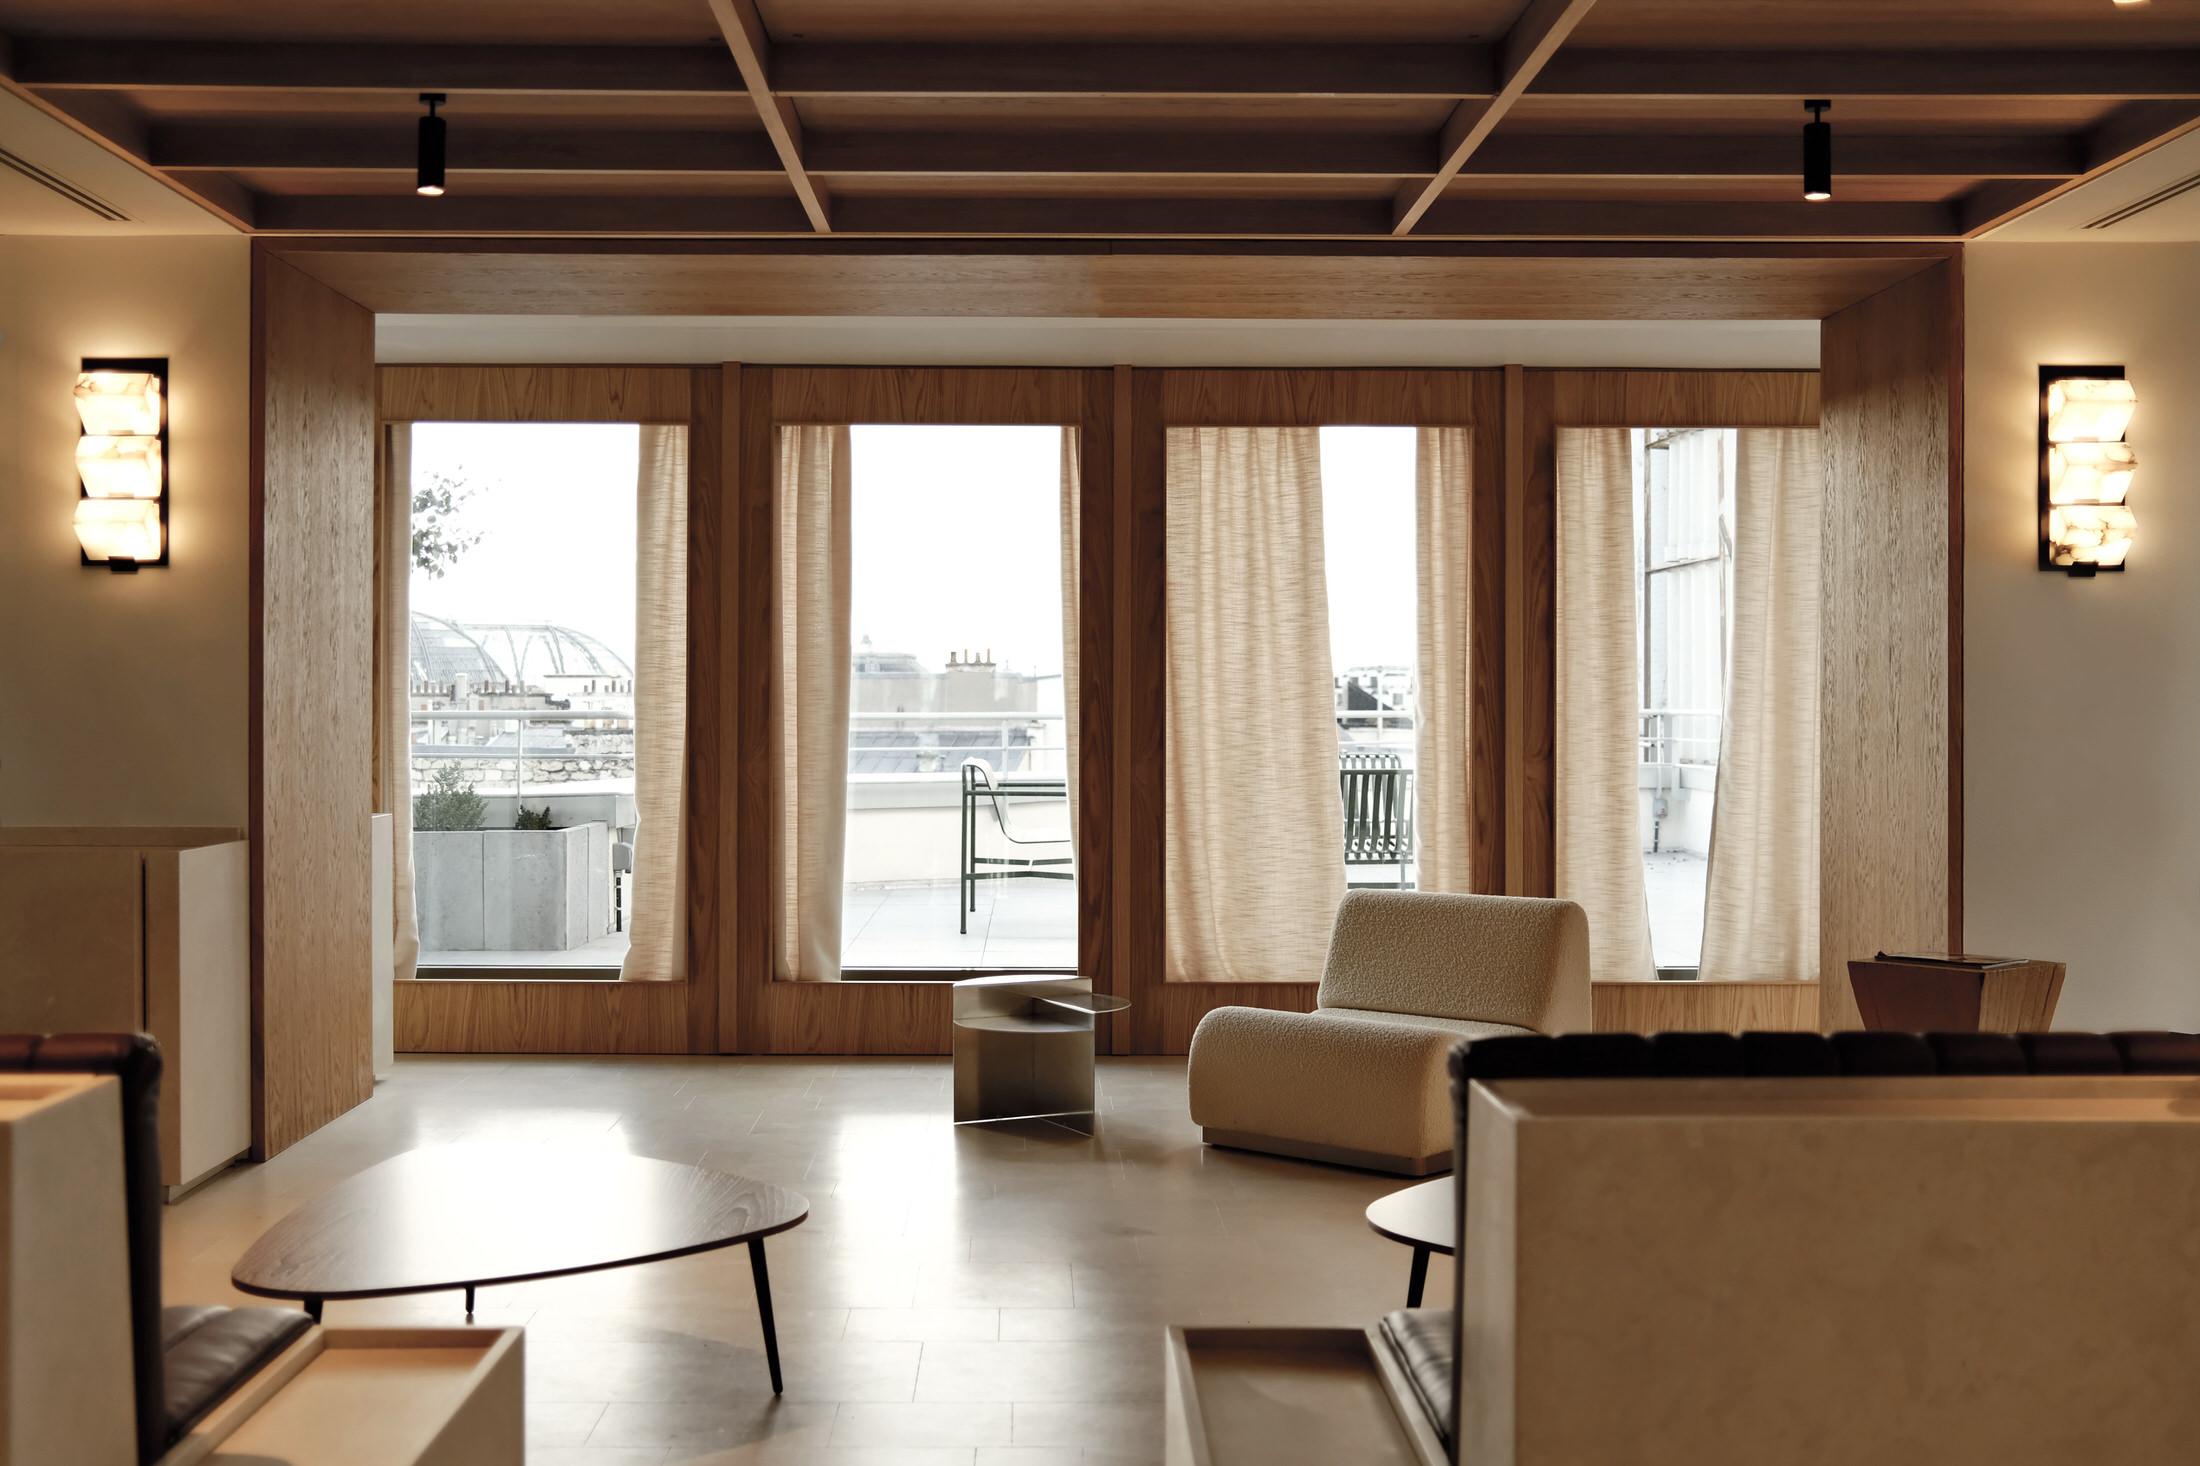 Hauvette Madani Matignon Office Accueil Photo Lucas Madani Yellowtrace 04